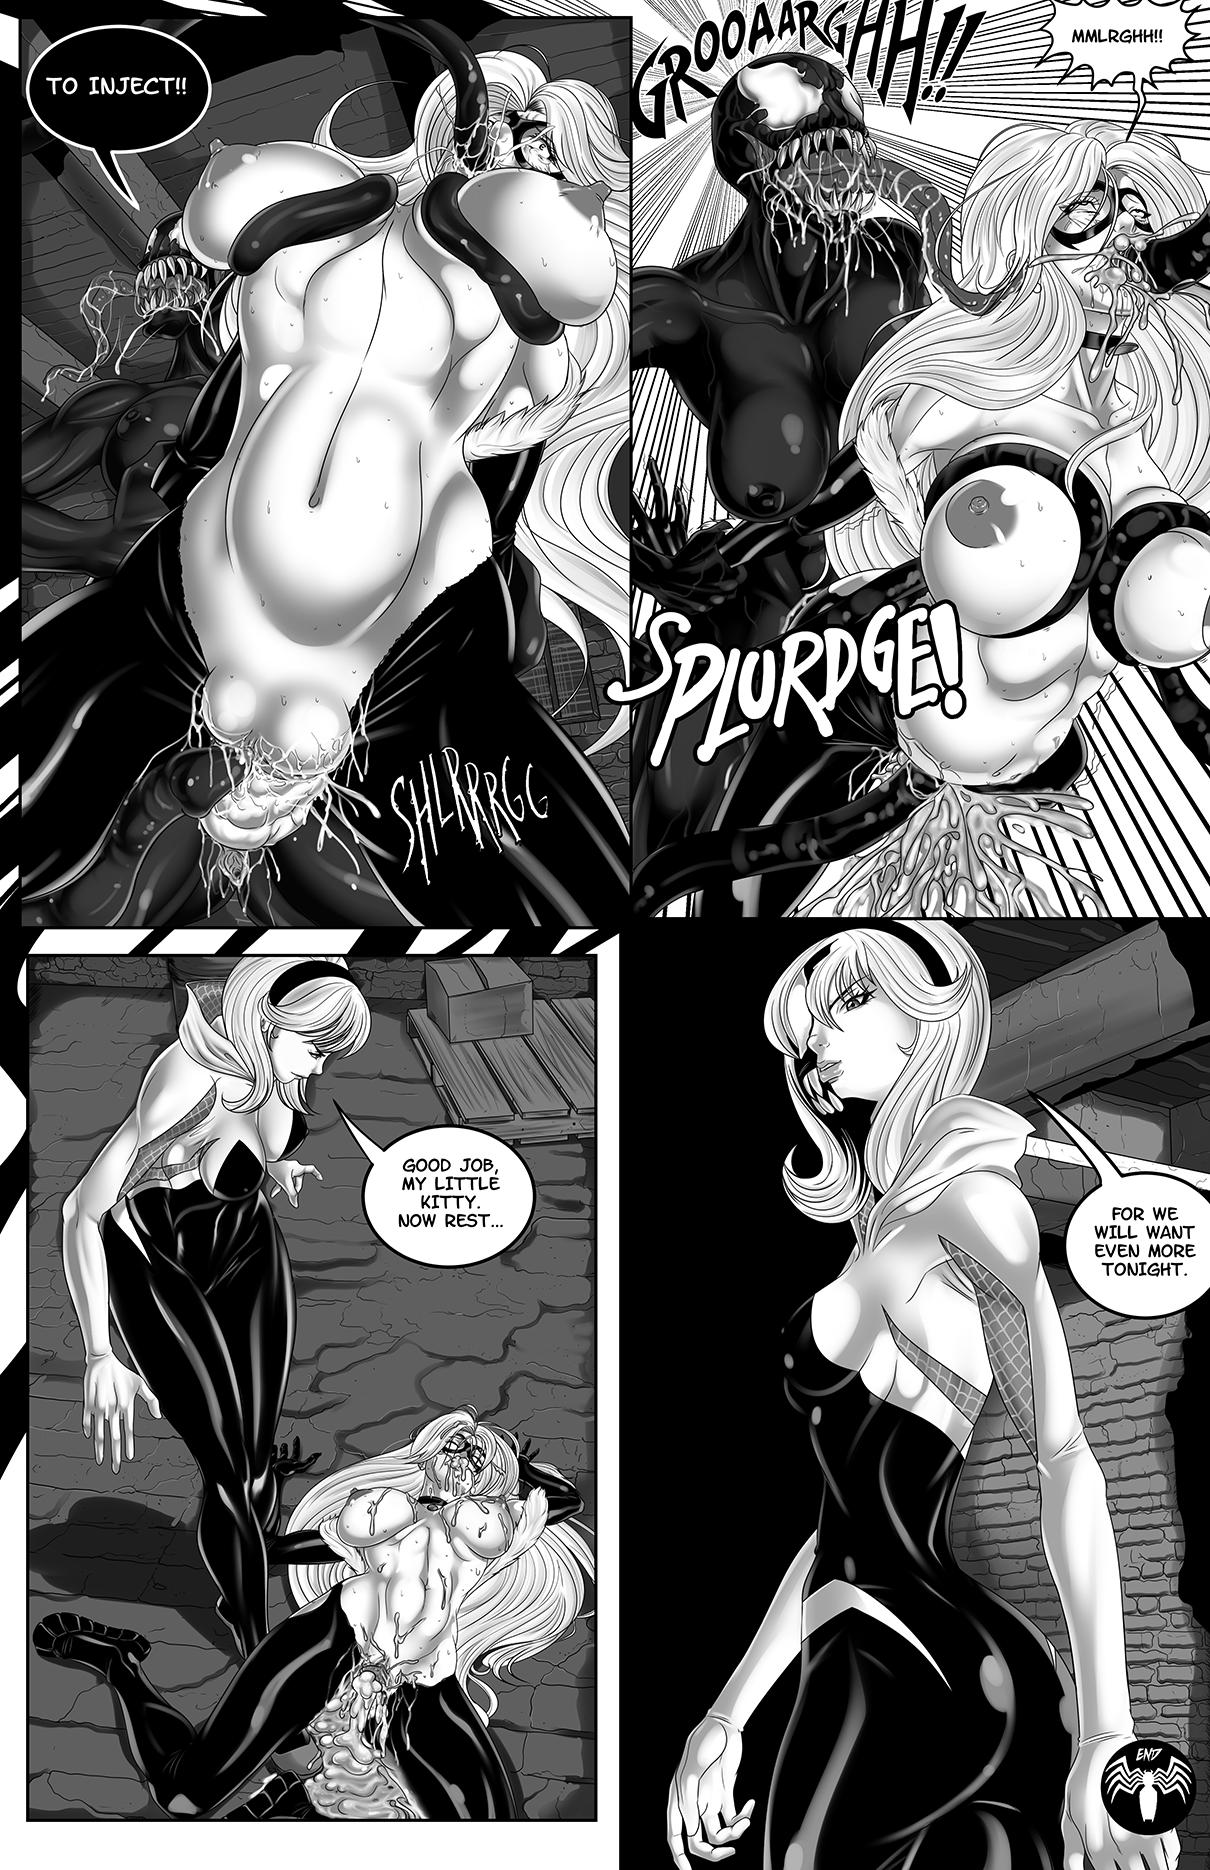 Felicia's Spider-Problem porn comics Oral sex, Big Tits, Futanari, Latex, Lesbians, Rape, Tentacles